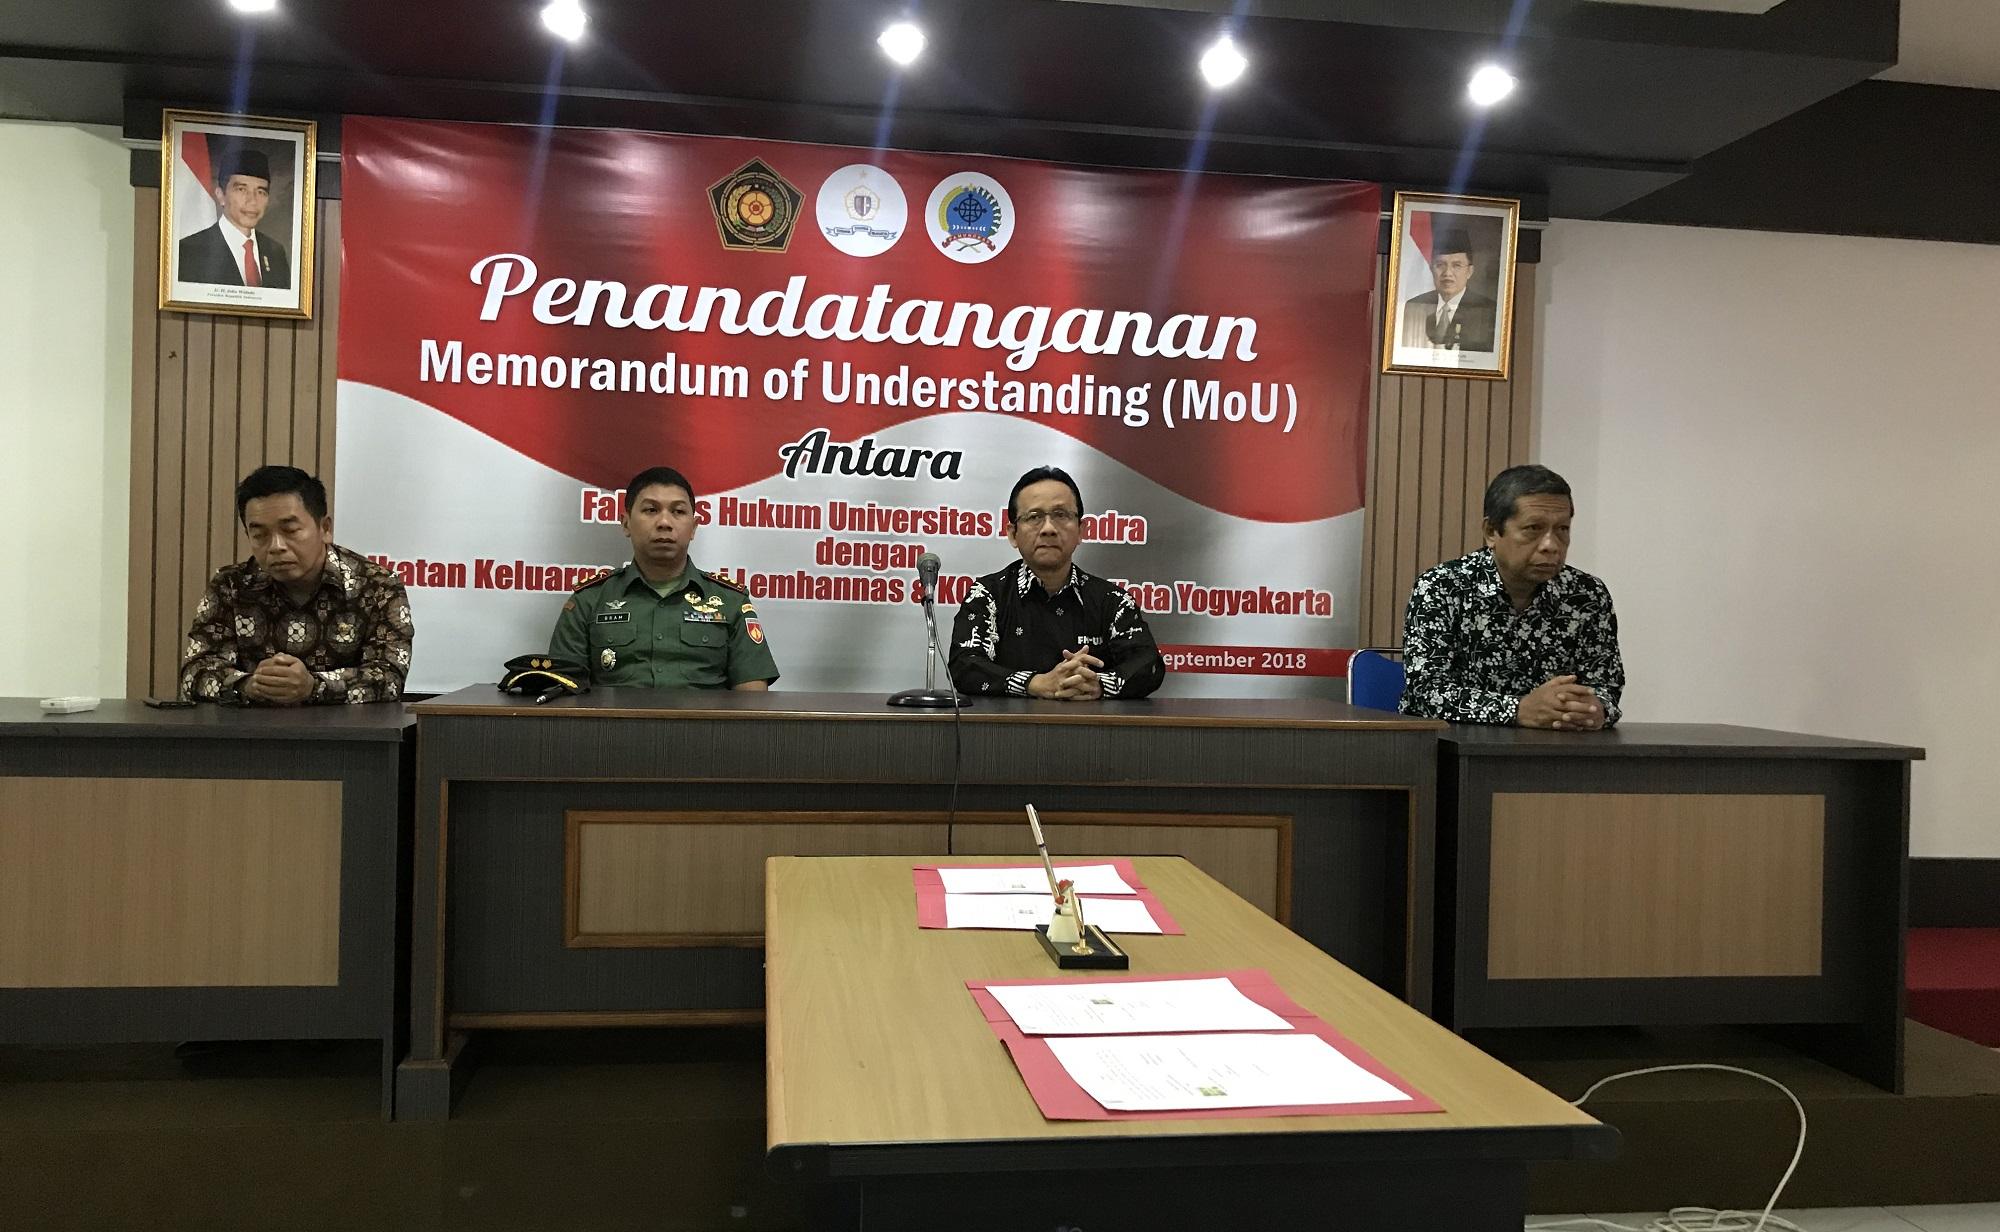 Penandatangan MoU FH UJB dengan IKAL dan Kodim 047 Kota Yogyakarta